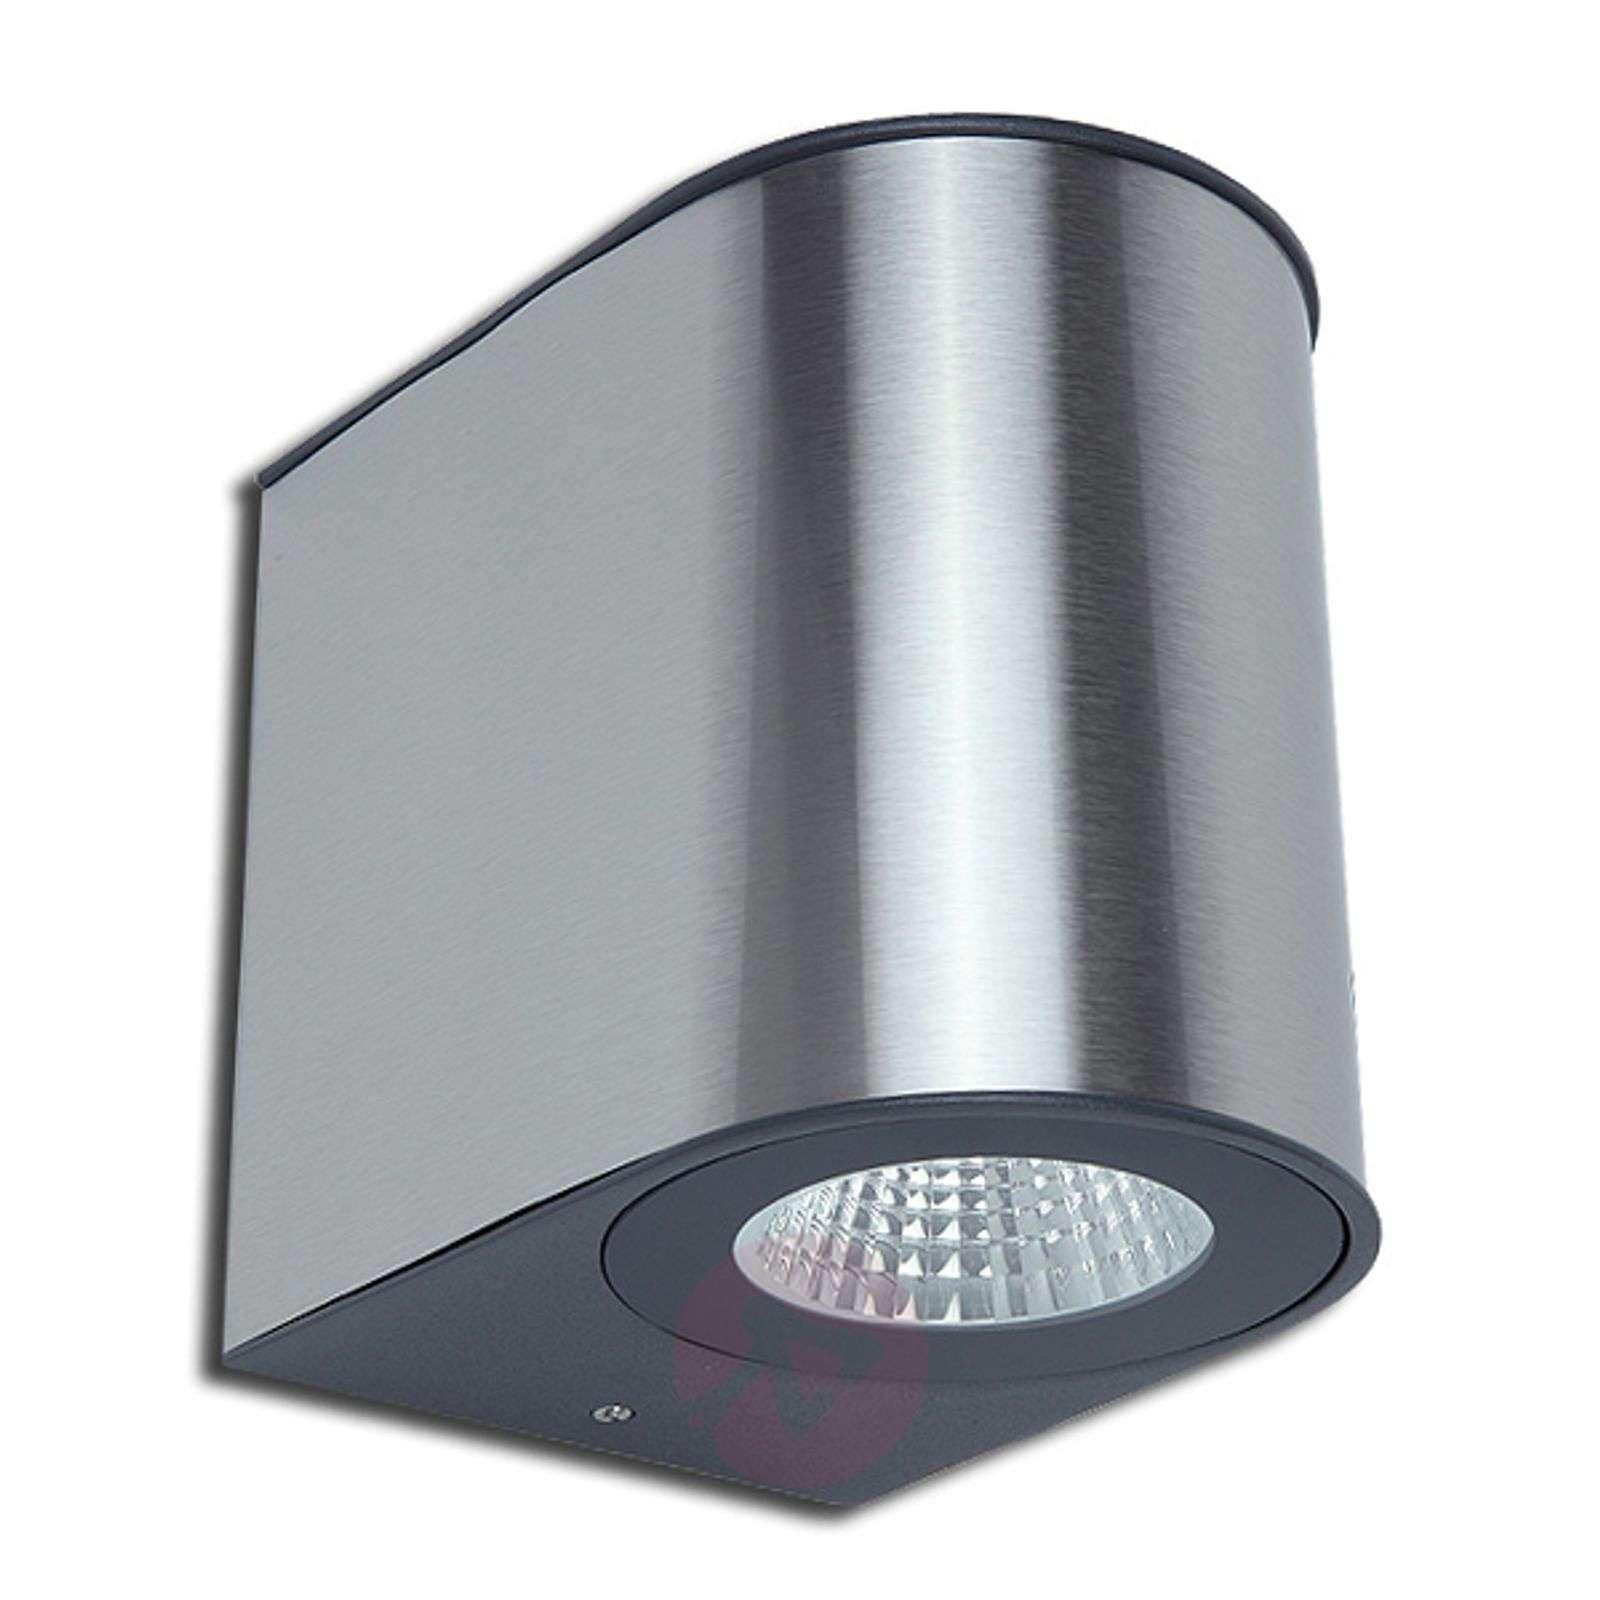 Stylish gemini ip54 led exterior wall light lights stylish gemini ip54 led exterior wall light 3006209 01 aloadofball Images